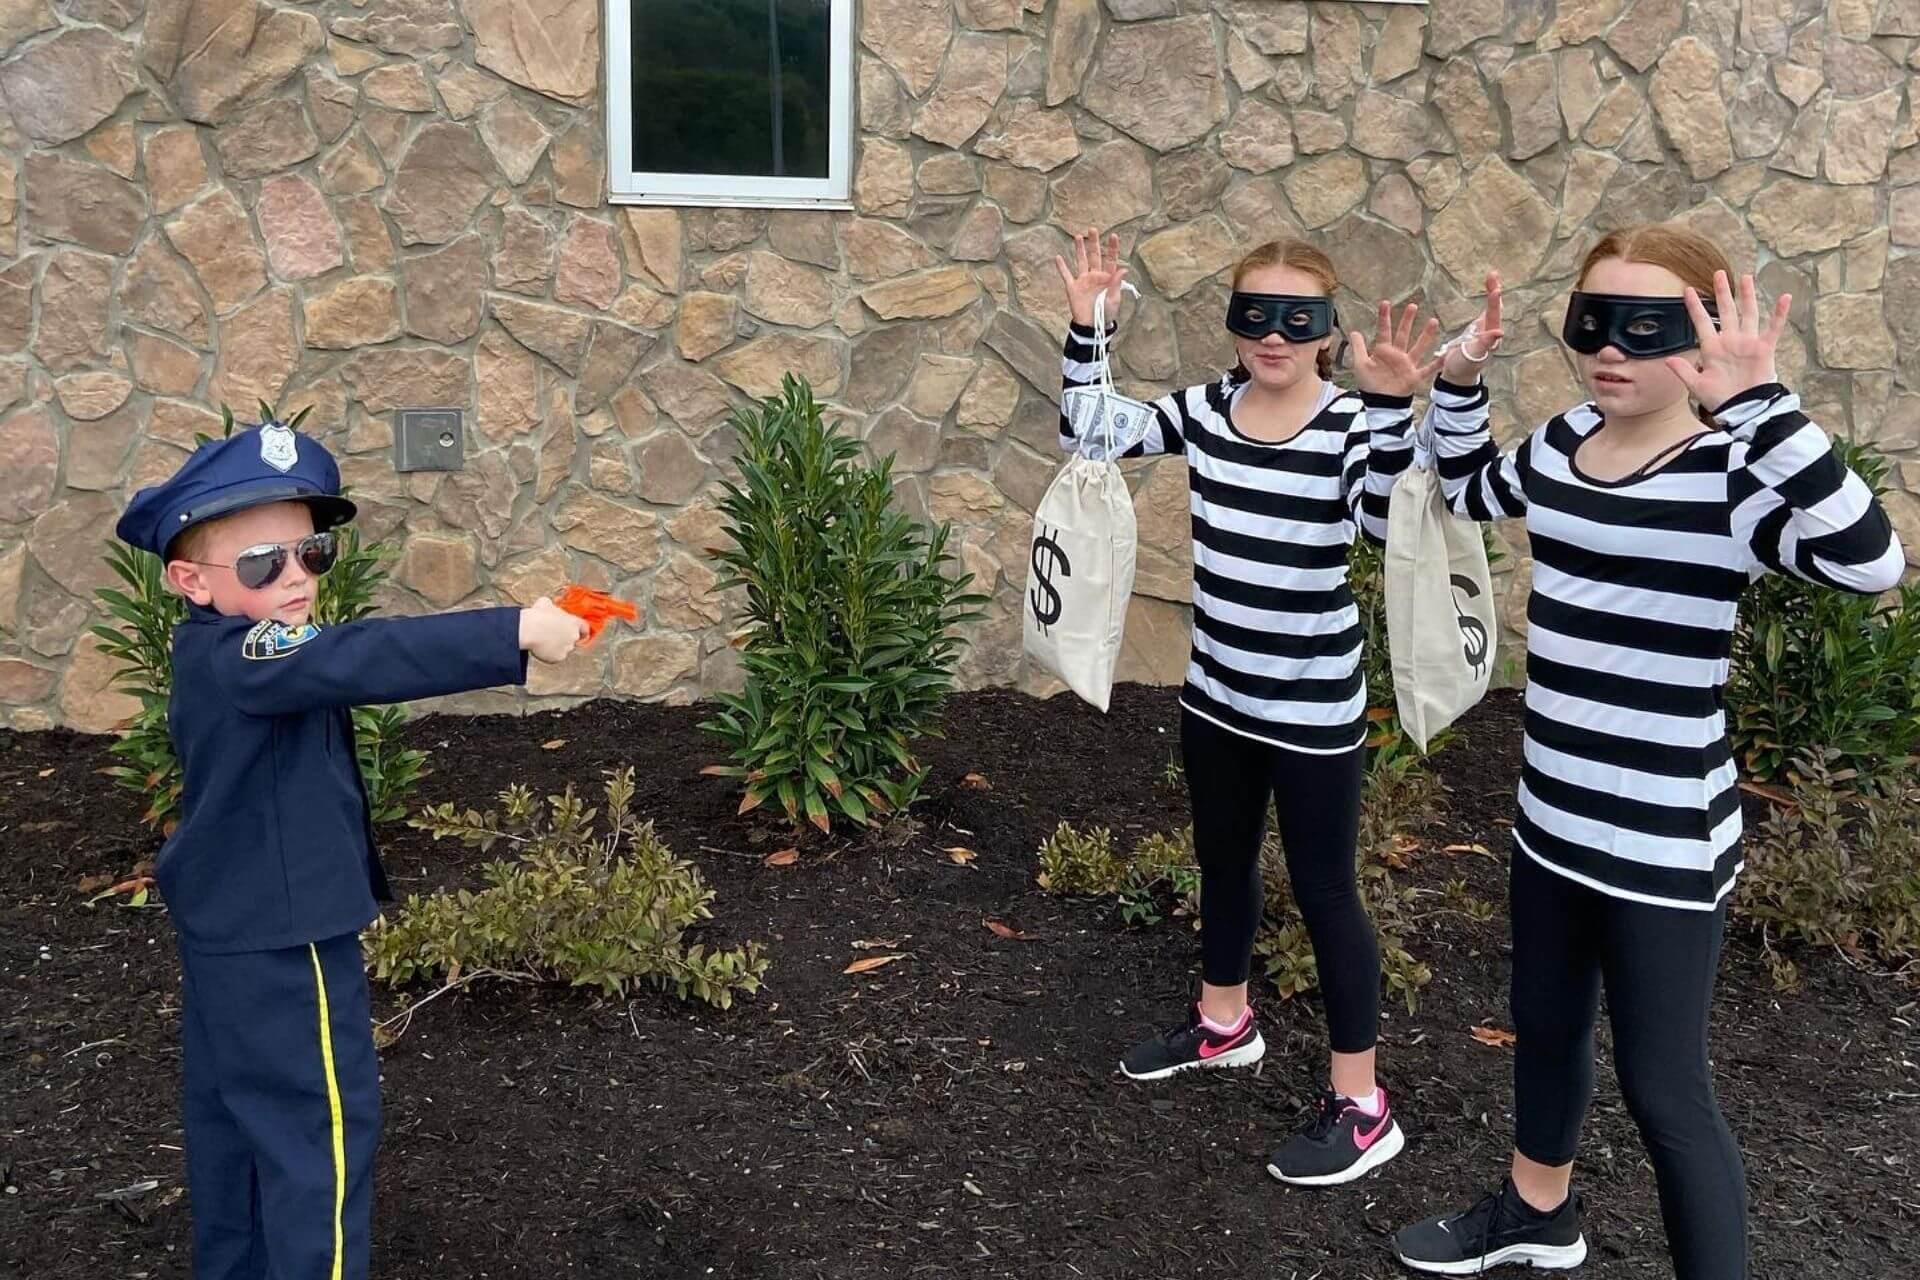 Halloween Resort Activities at The Ridge Outdoor Resort in the Great Smoky Mountains